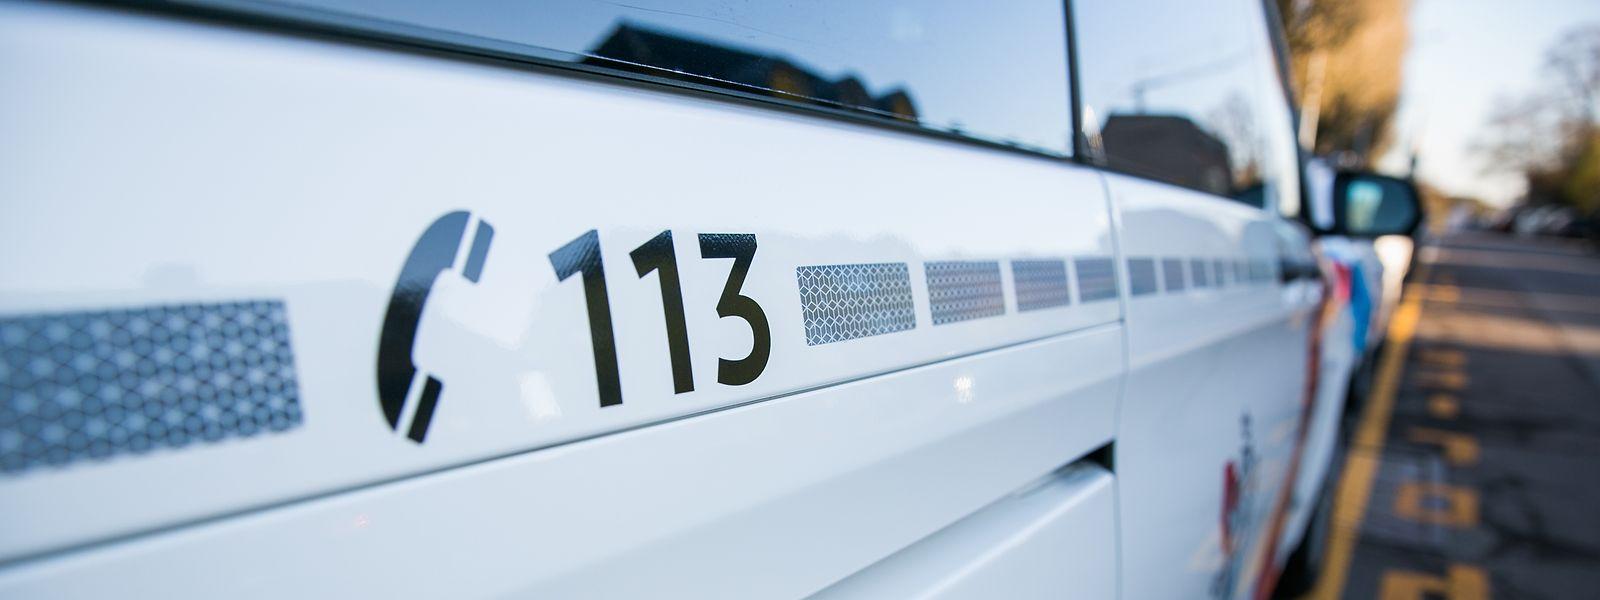 Am Samstag kam es auf der CR325 zu einem schweren Verkehrsunfall.